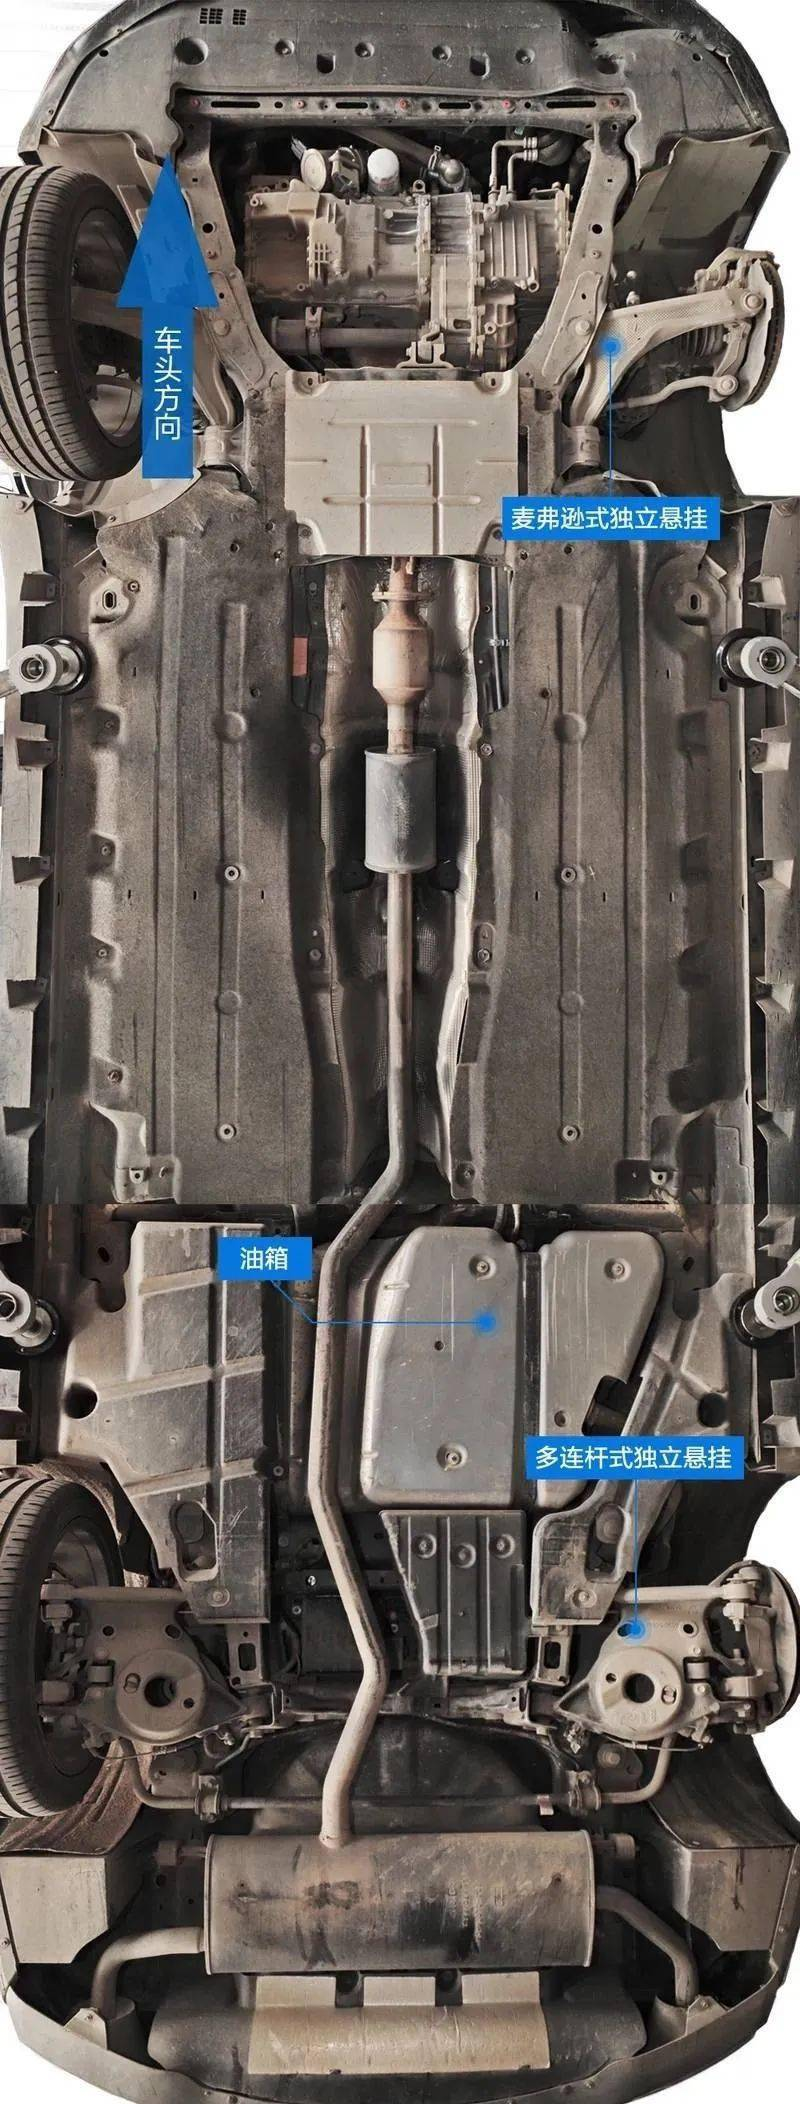 汽车底盘的结构与维护——林肯MKZ底盘实拍分析